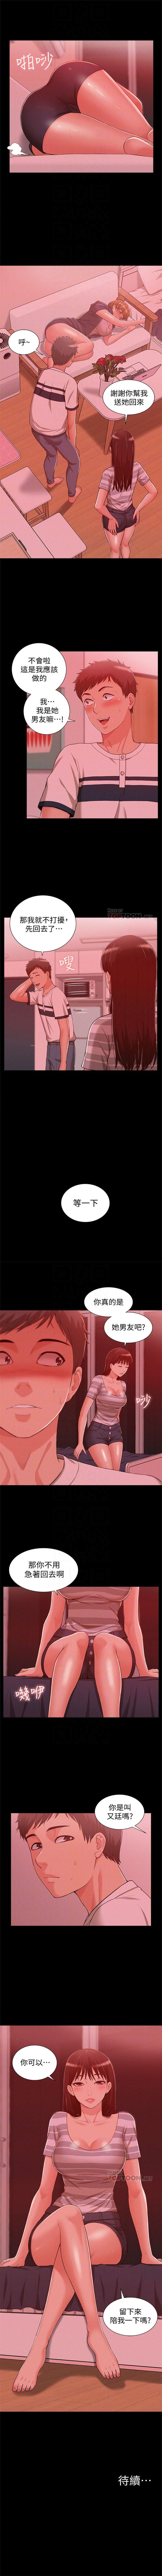 (週4)難言之隱 1-24 中文翻譯(更新中) 61